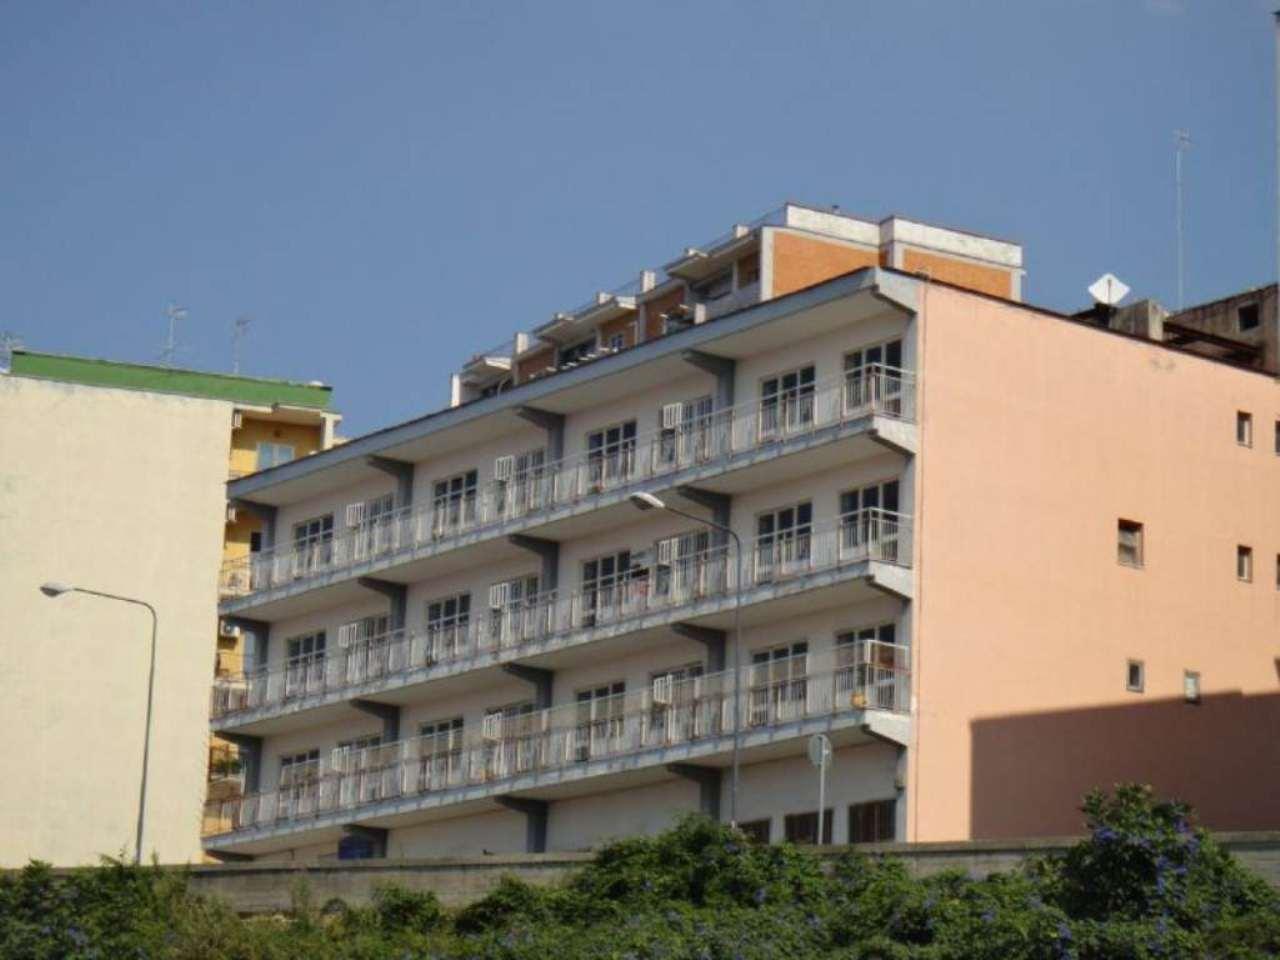 Palazzo / Stabile in vendita a Napoli, 25 locali, zona Zona: 1 . Chiaia, Posillipo, San Ferdinando, prezzo € 3.200.000 | CambioCasa.it